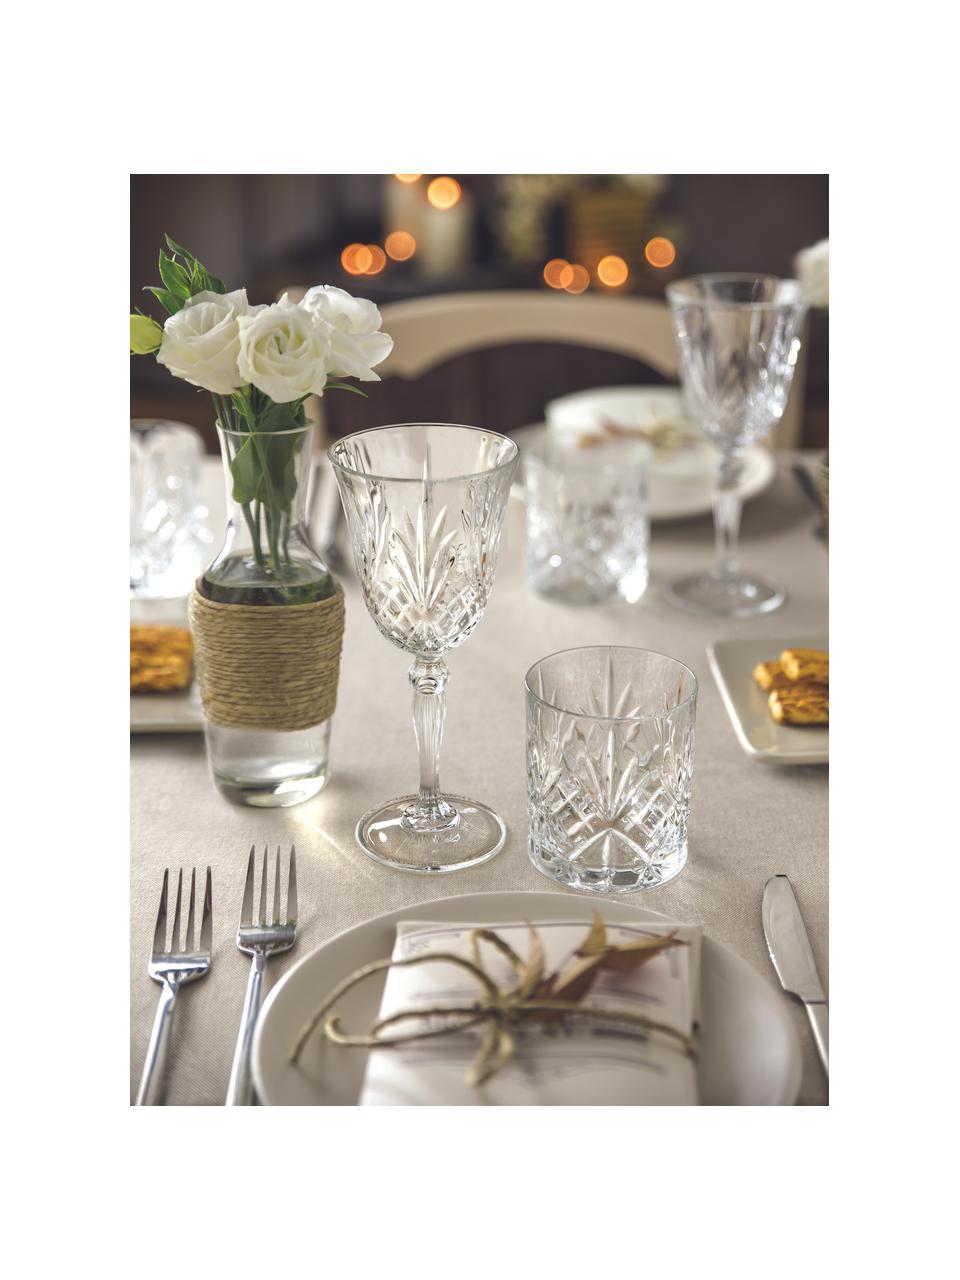 Bicchiere da vino bianco in cristallo Melodia 6 pz, Vetro di cristallo, Trasparente, Ø 8 x Alt. 19 cm